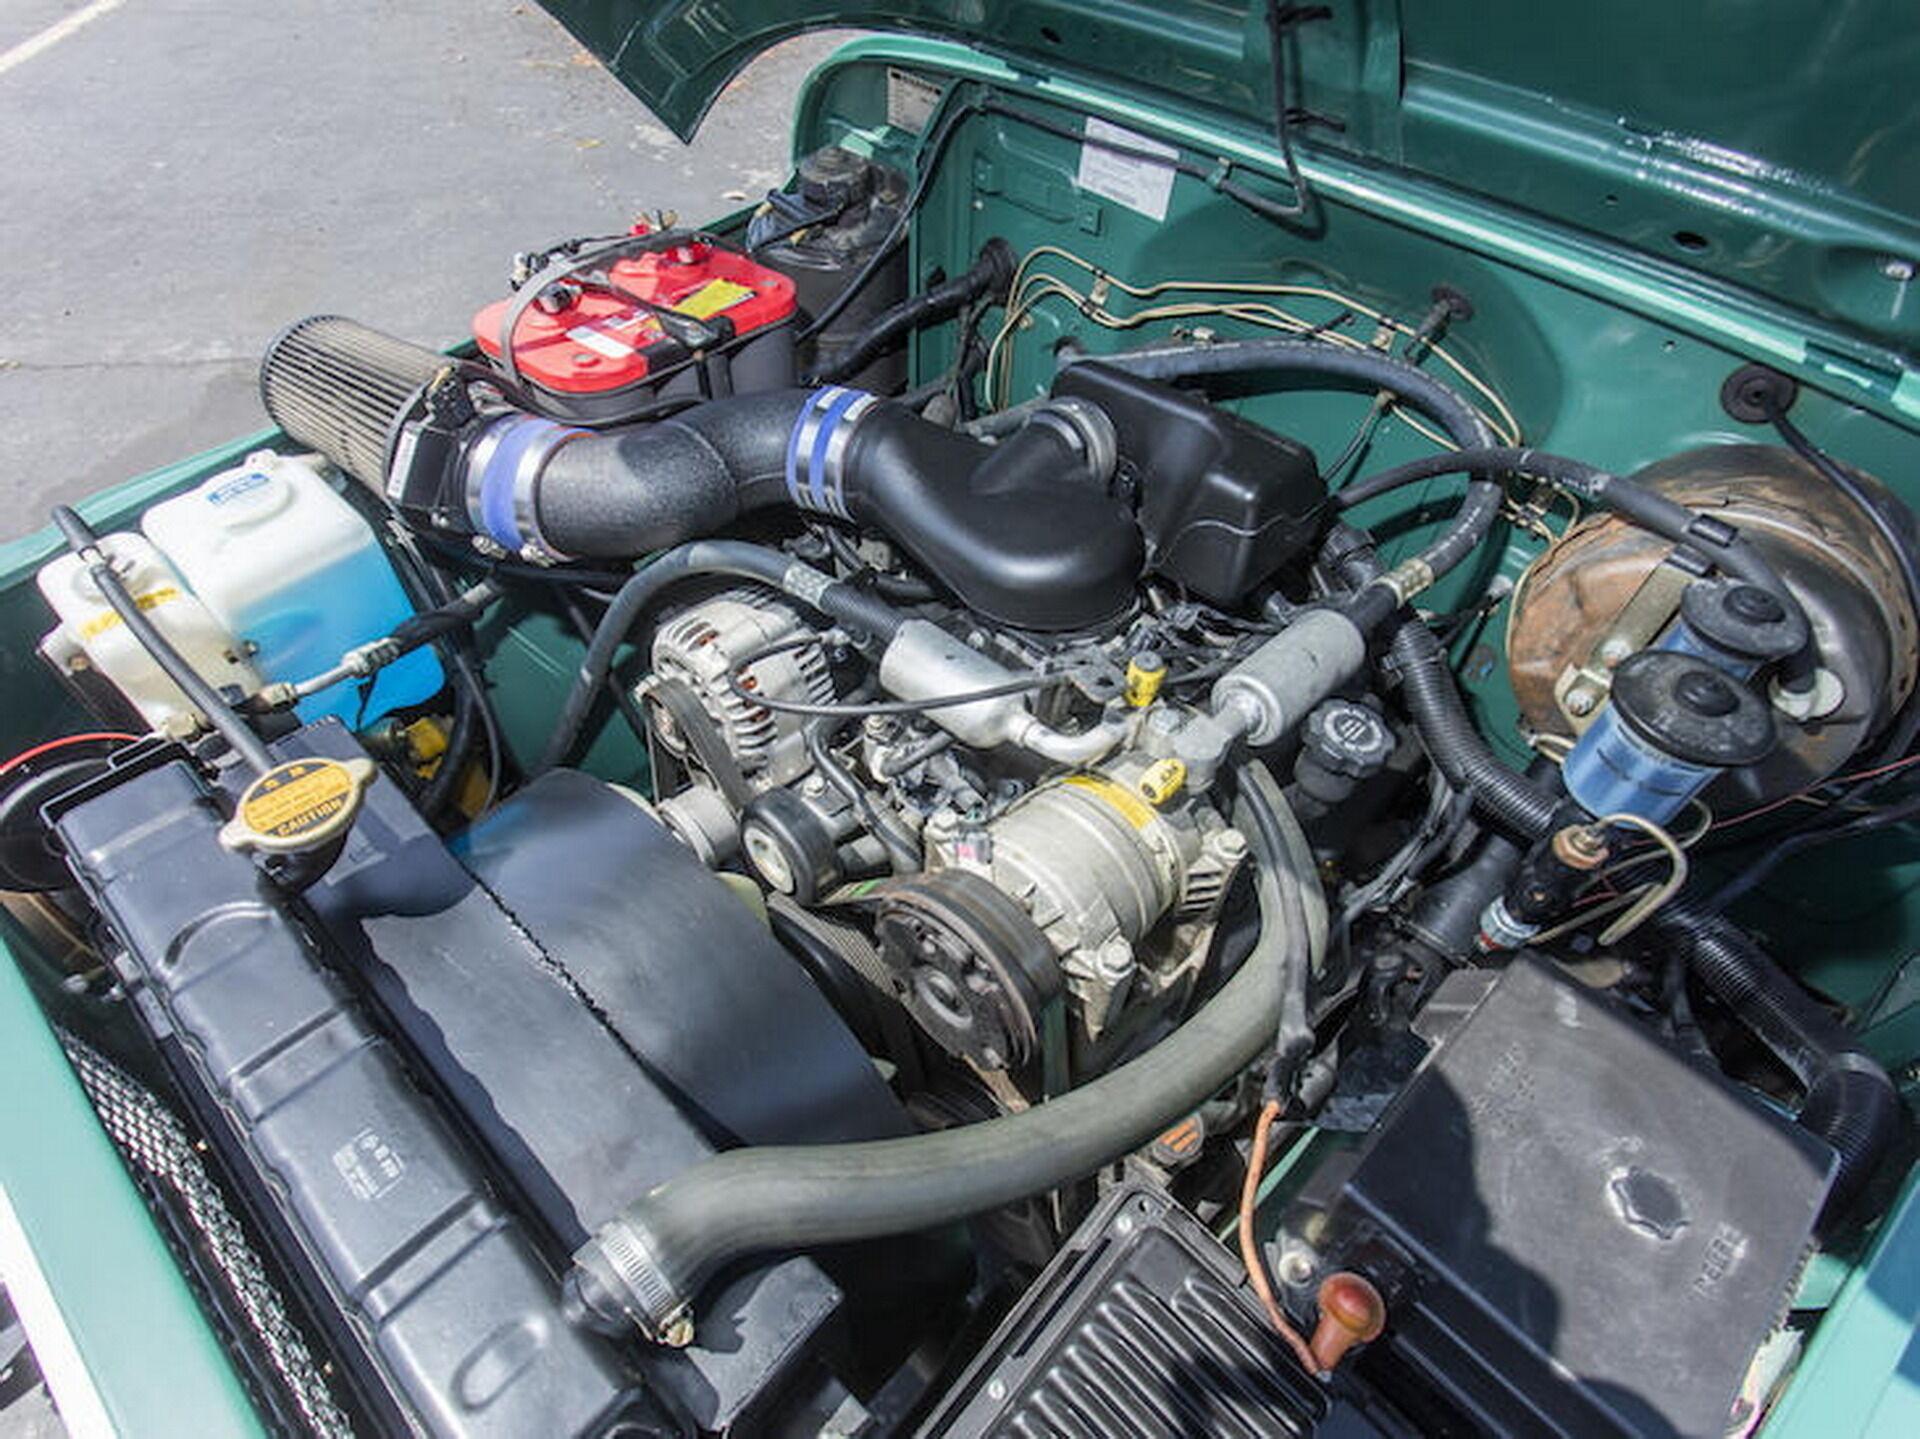 """Рядную """"шестерку"""" и коробку передач Toyota заменили на 182-сильный 4,3-литровый GM Vortec V6 и 5-скоростную """"механику"""""""